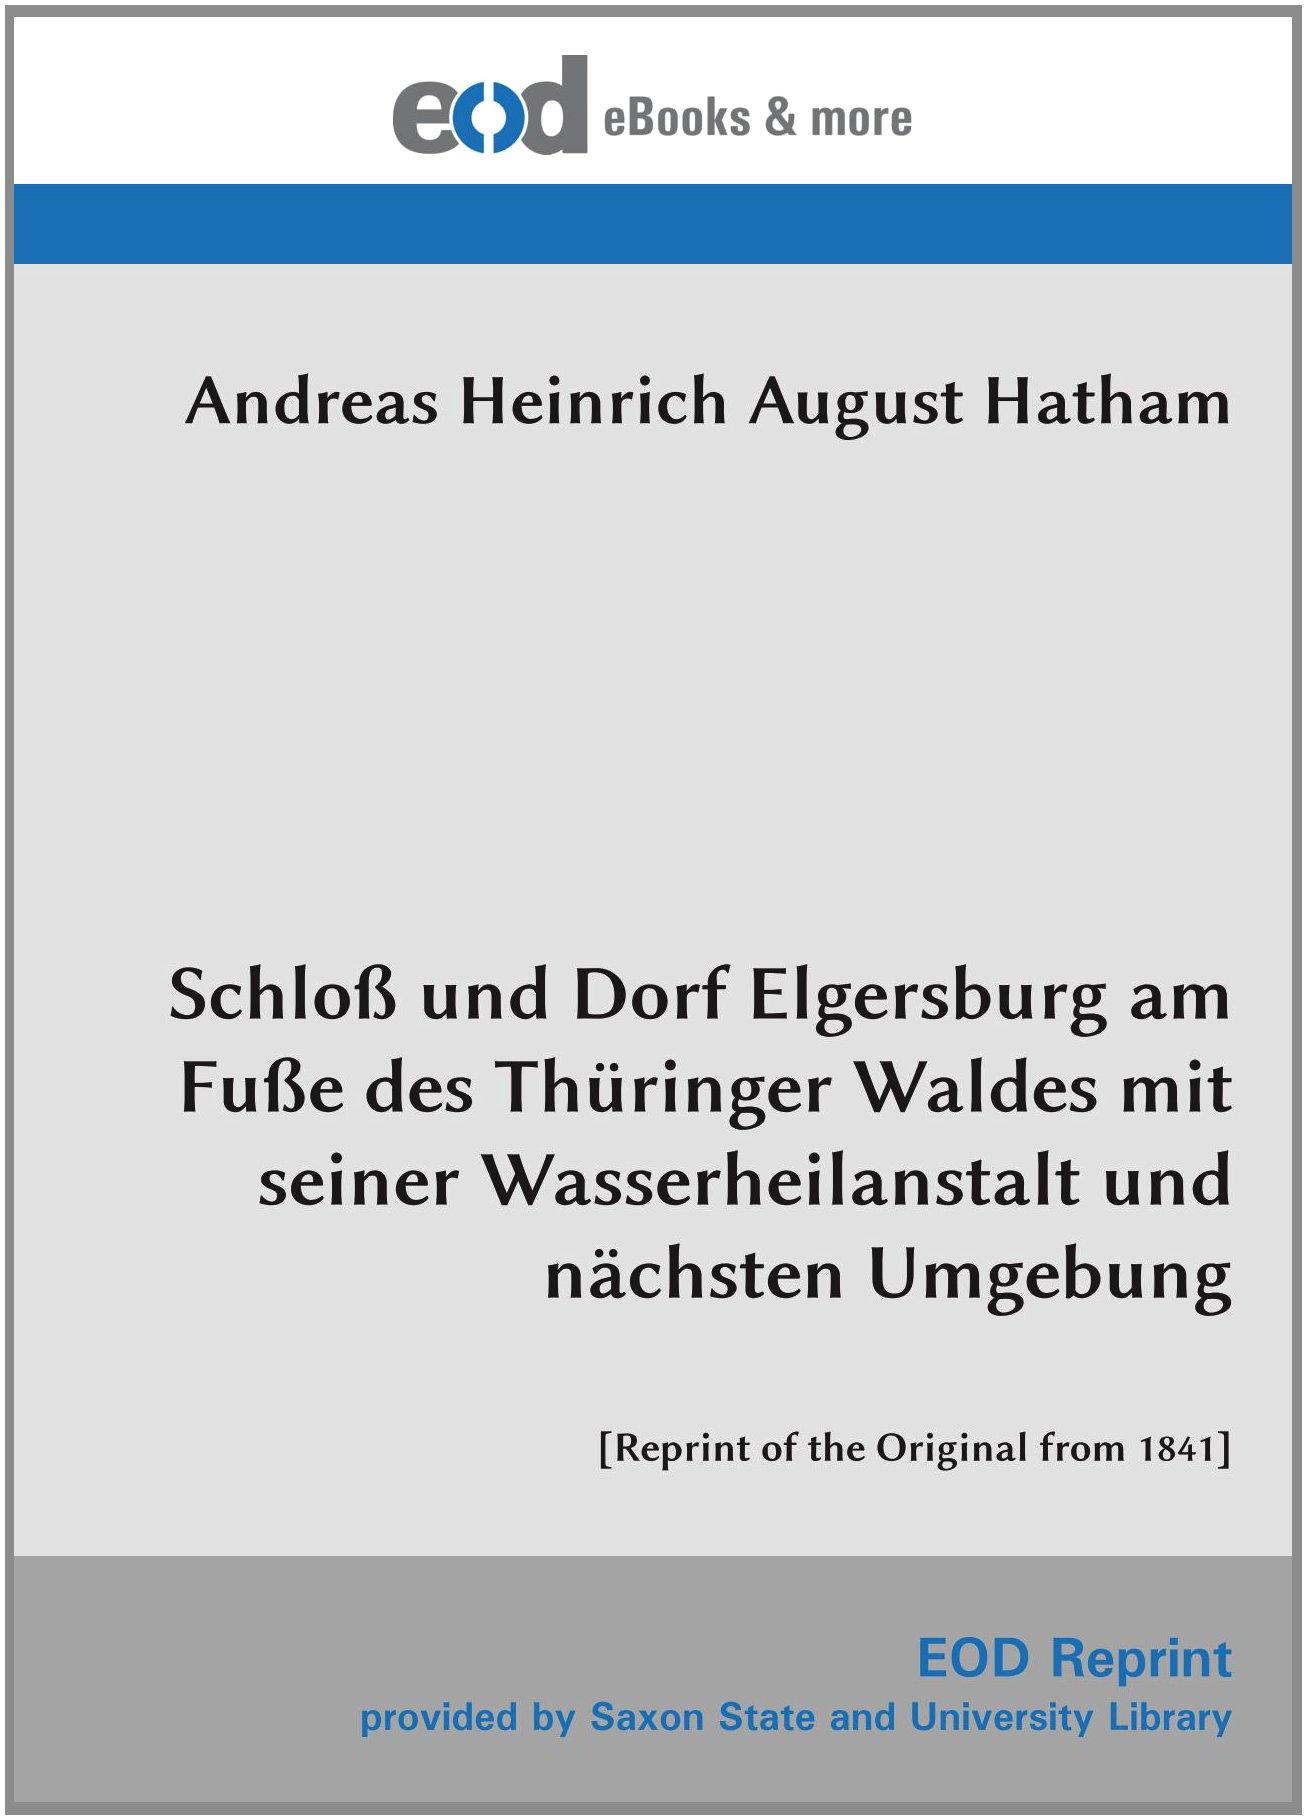 Schloß und Dorf Elgersburg am Fuße des Thüringer Waldes mit seiner Wasserheilanstalt und nächsten Umgebung: [Reprint of the Original from 1841]